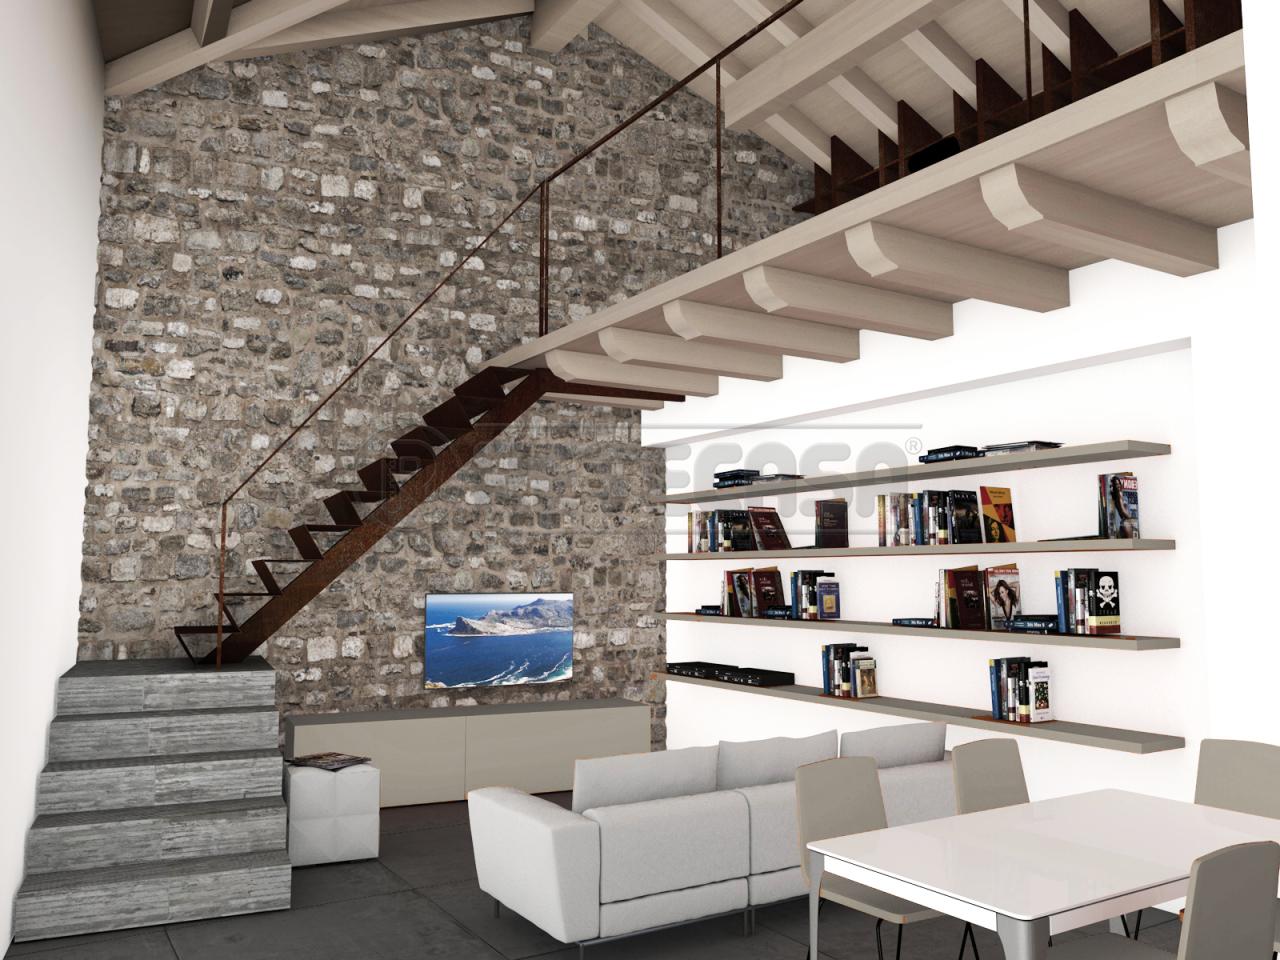 Appartamento in vendita a Cormons, 5 locali, prezzo € 226.000 | CambioCasa.it